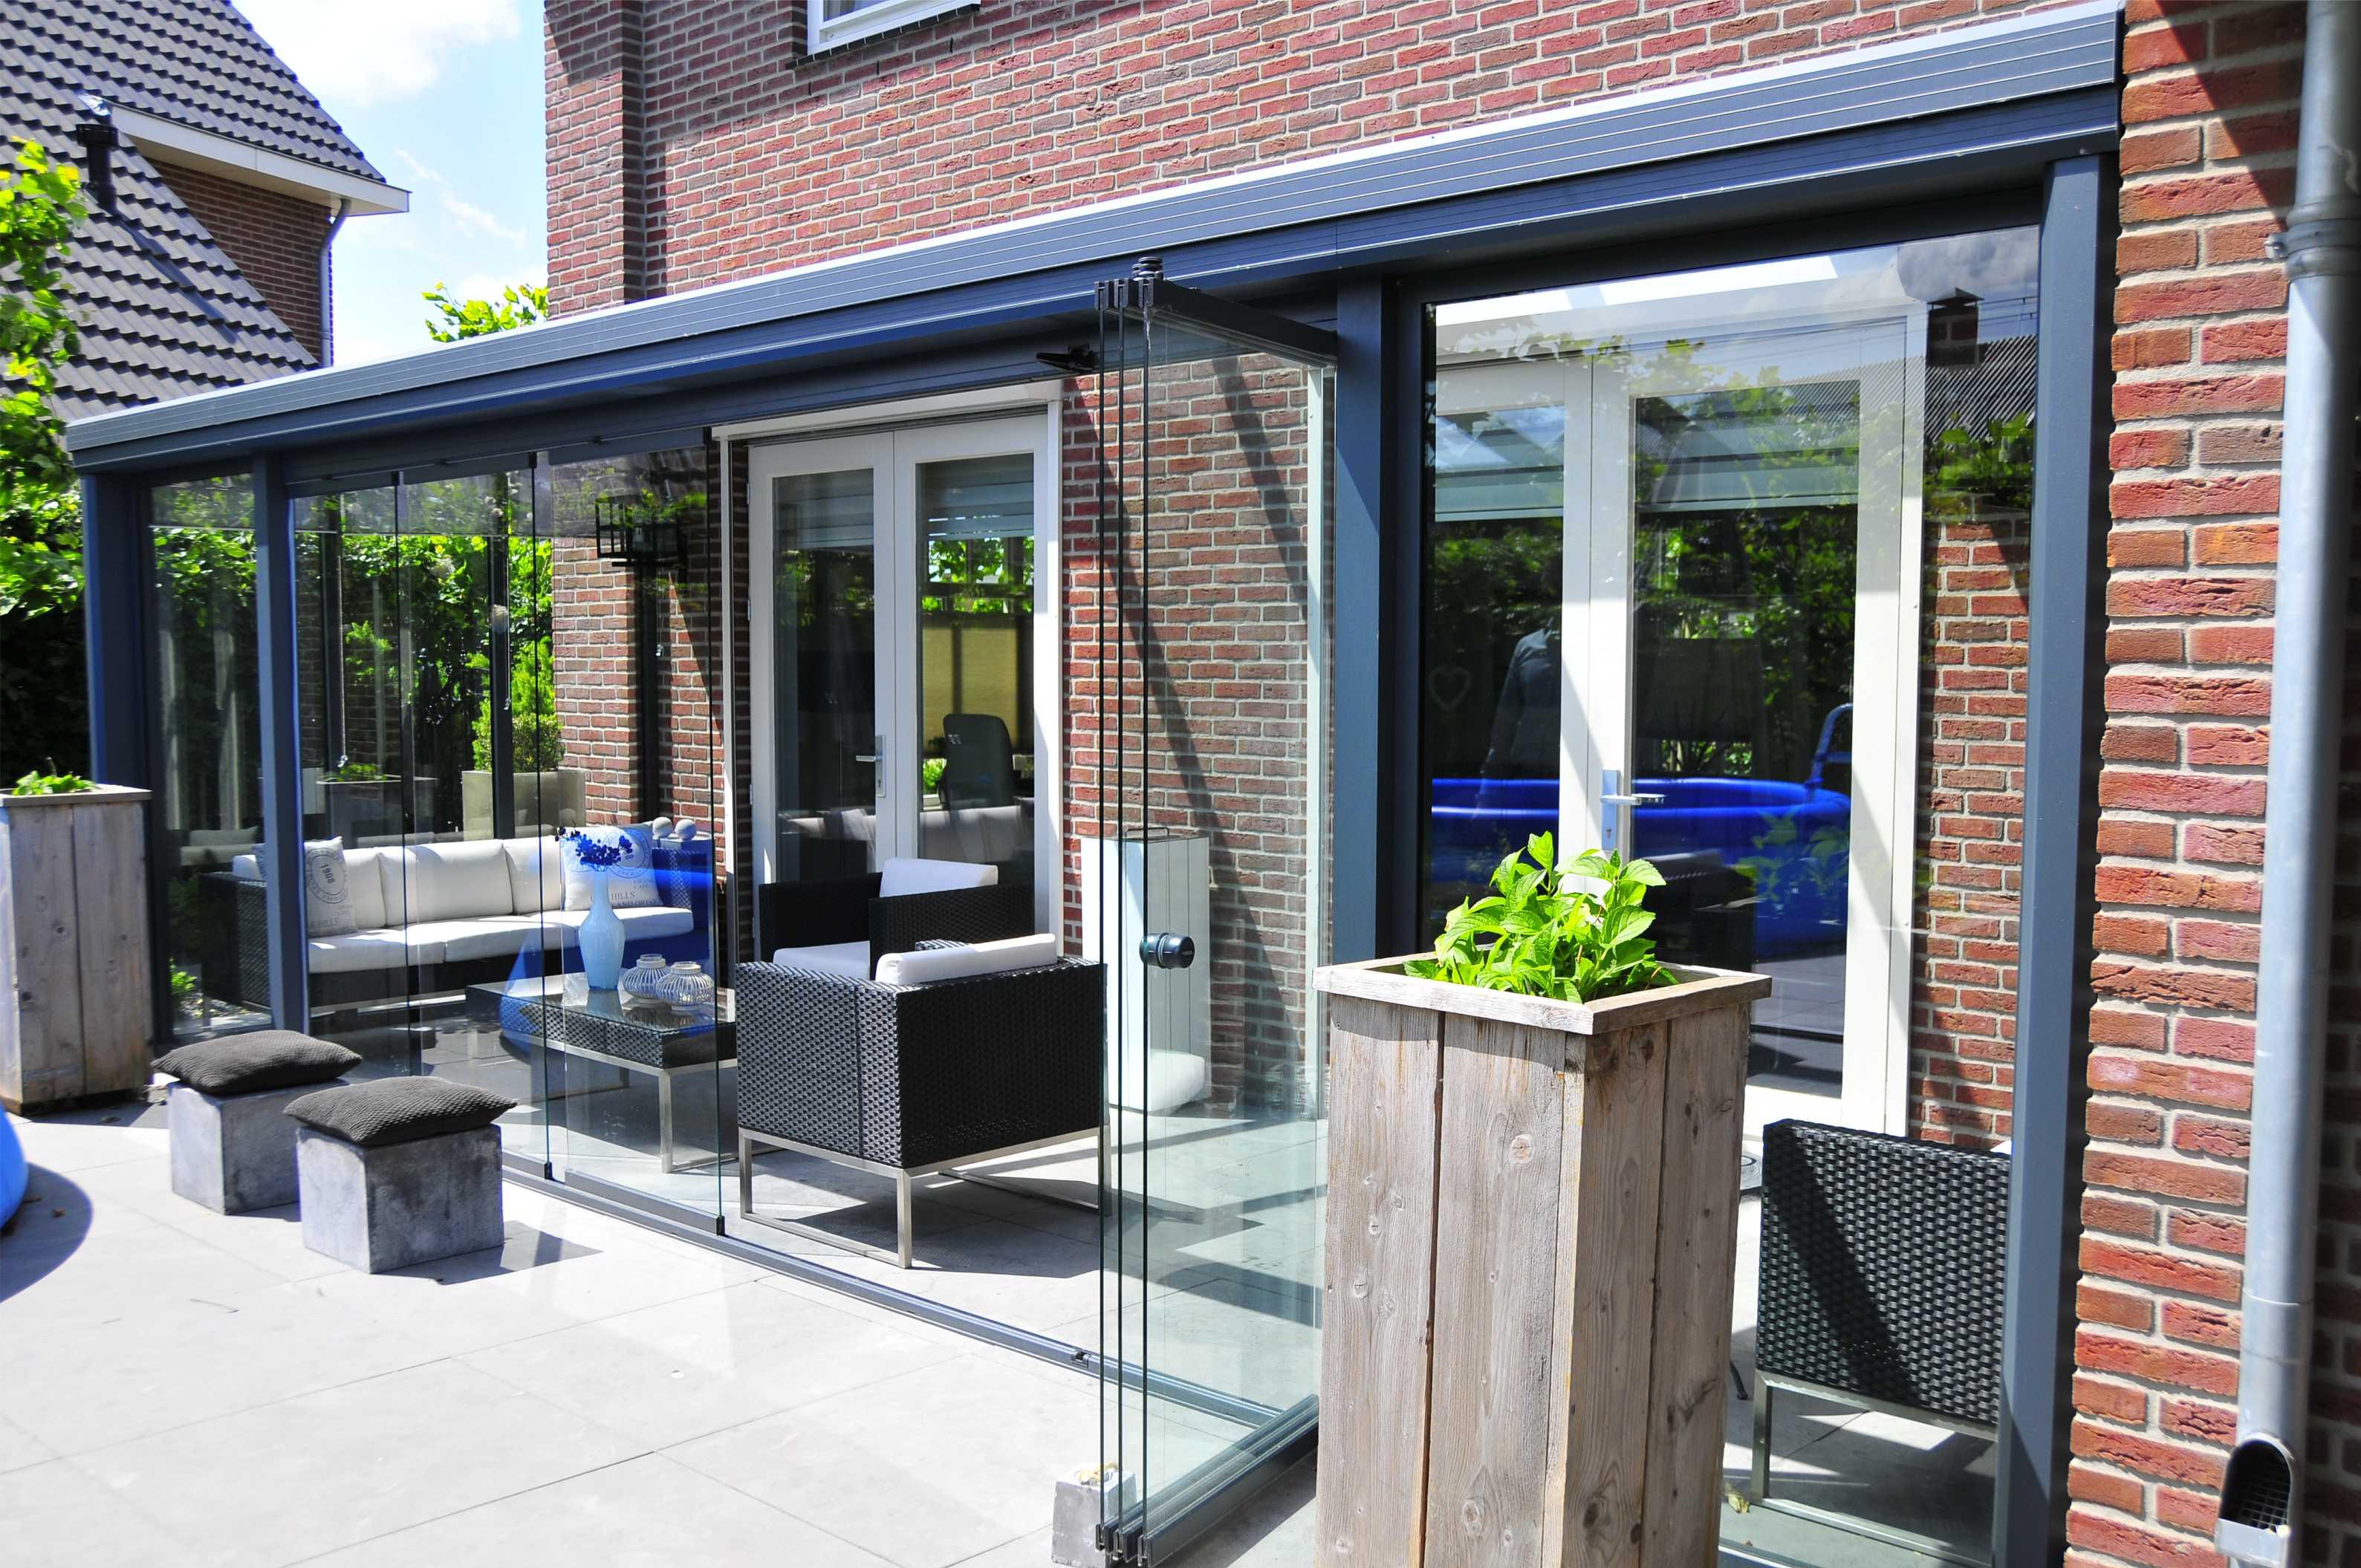 Que ce soit lors de festivités ou d 'un barbecue, cette pergola donnera une toute autre dimension à votre maison et a votre terrasse.